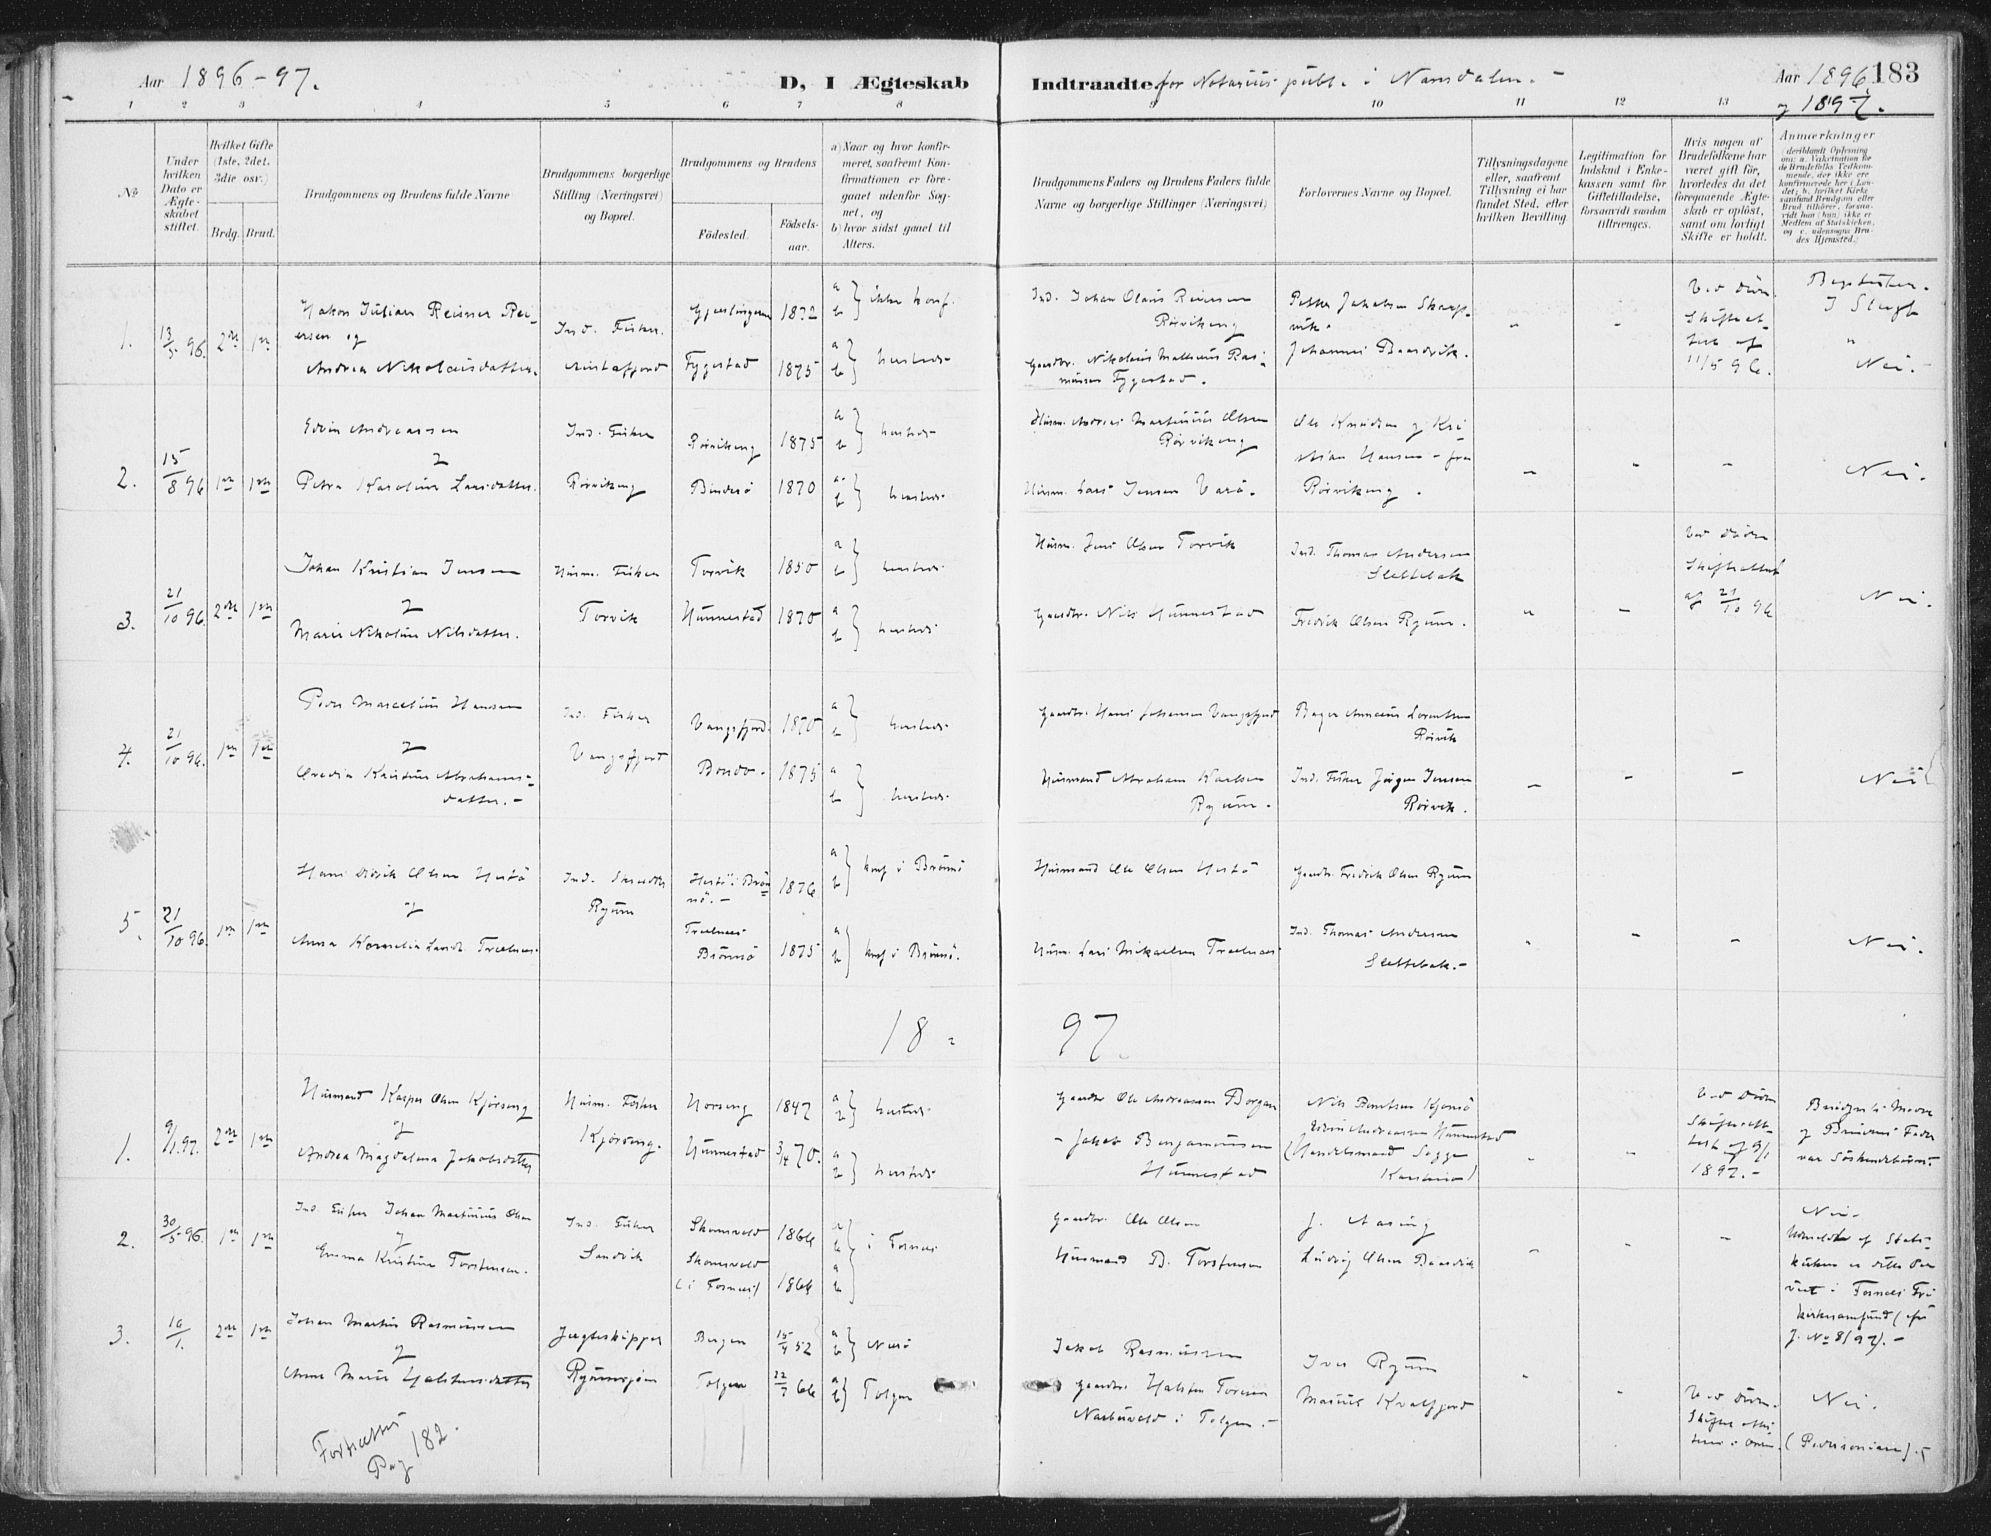 SAT, Ministerialprotokoller, klokkerbøker og fødselsregistre - Nord-Trøndelag, 786/L0687: Ministerialbok nr. 786A03, 1888-1898, s. 183